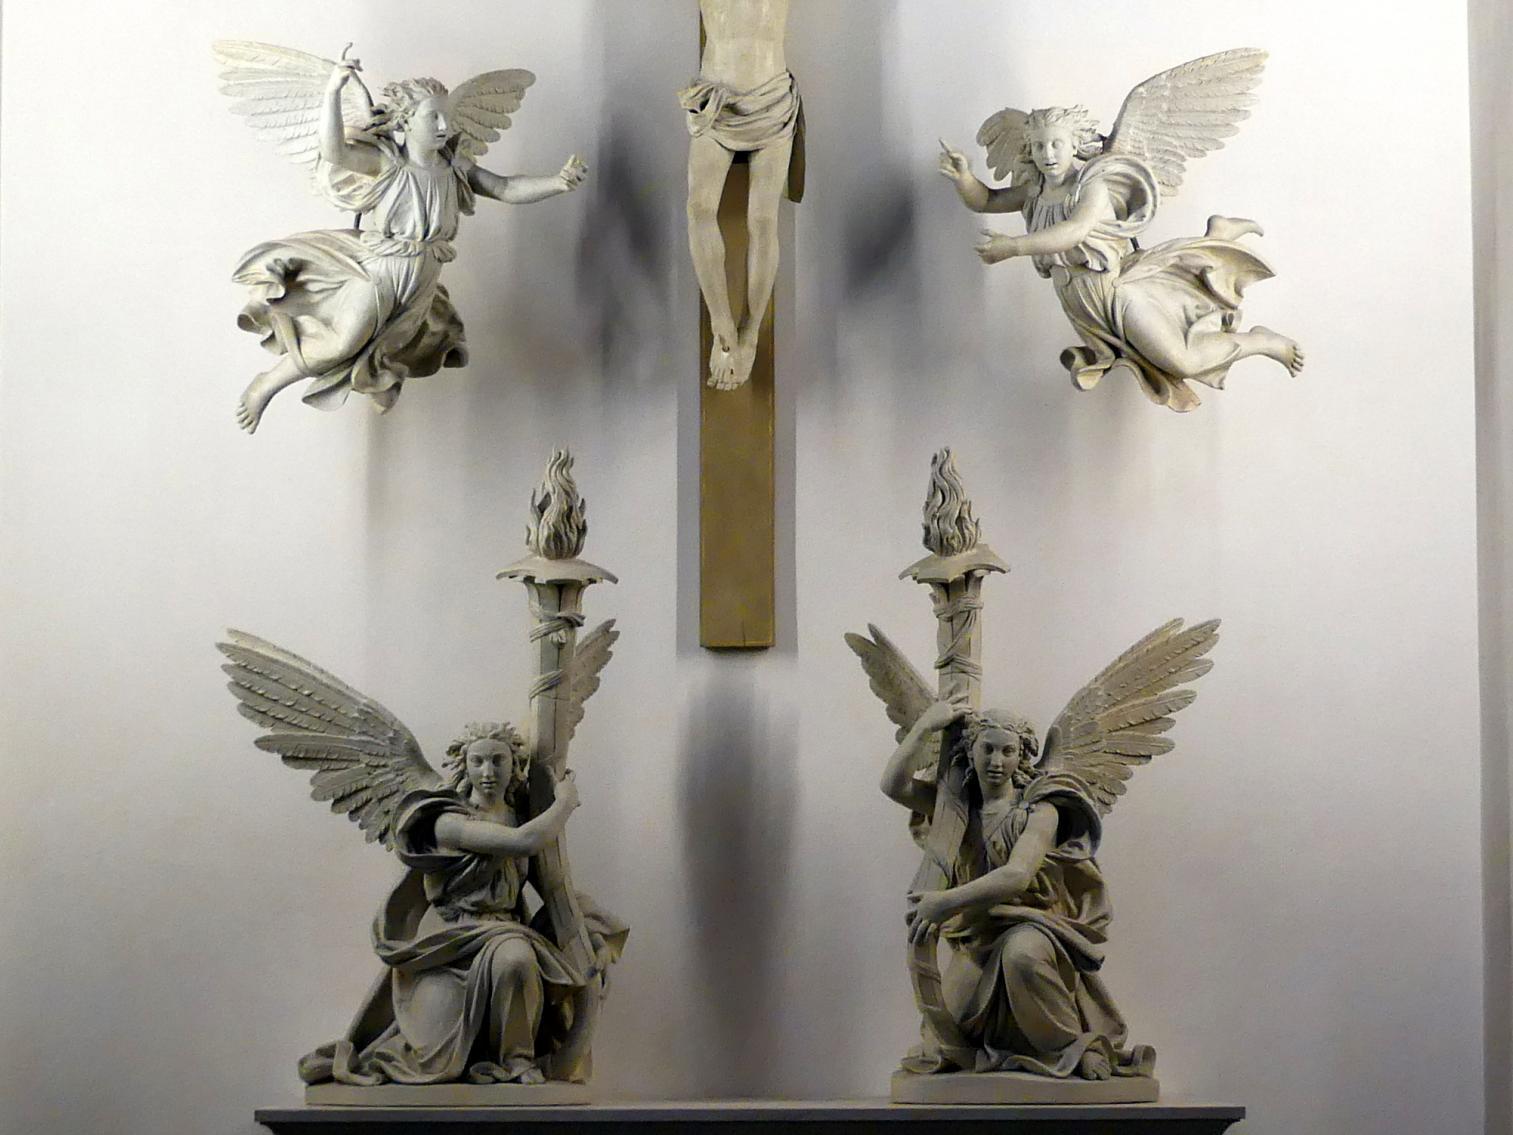 Antonio Begarelli: Vier Engel, um 1540